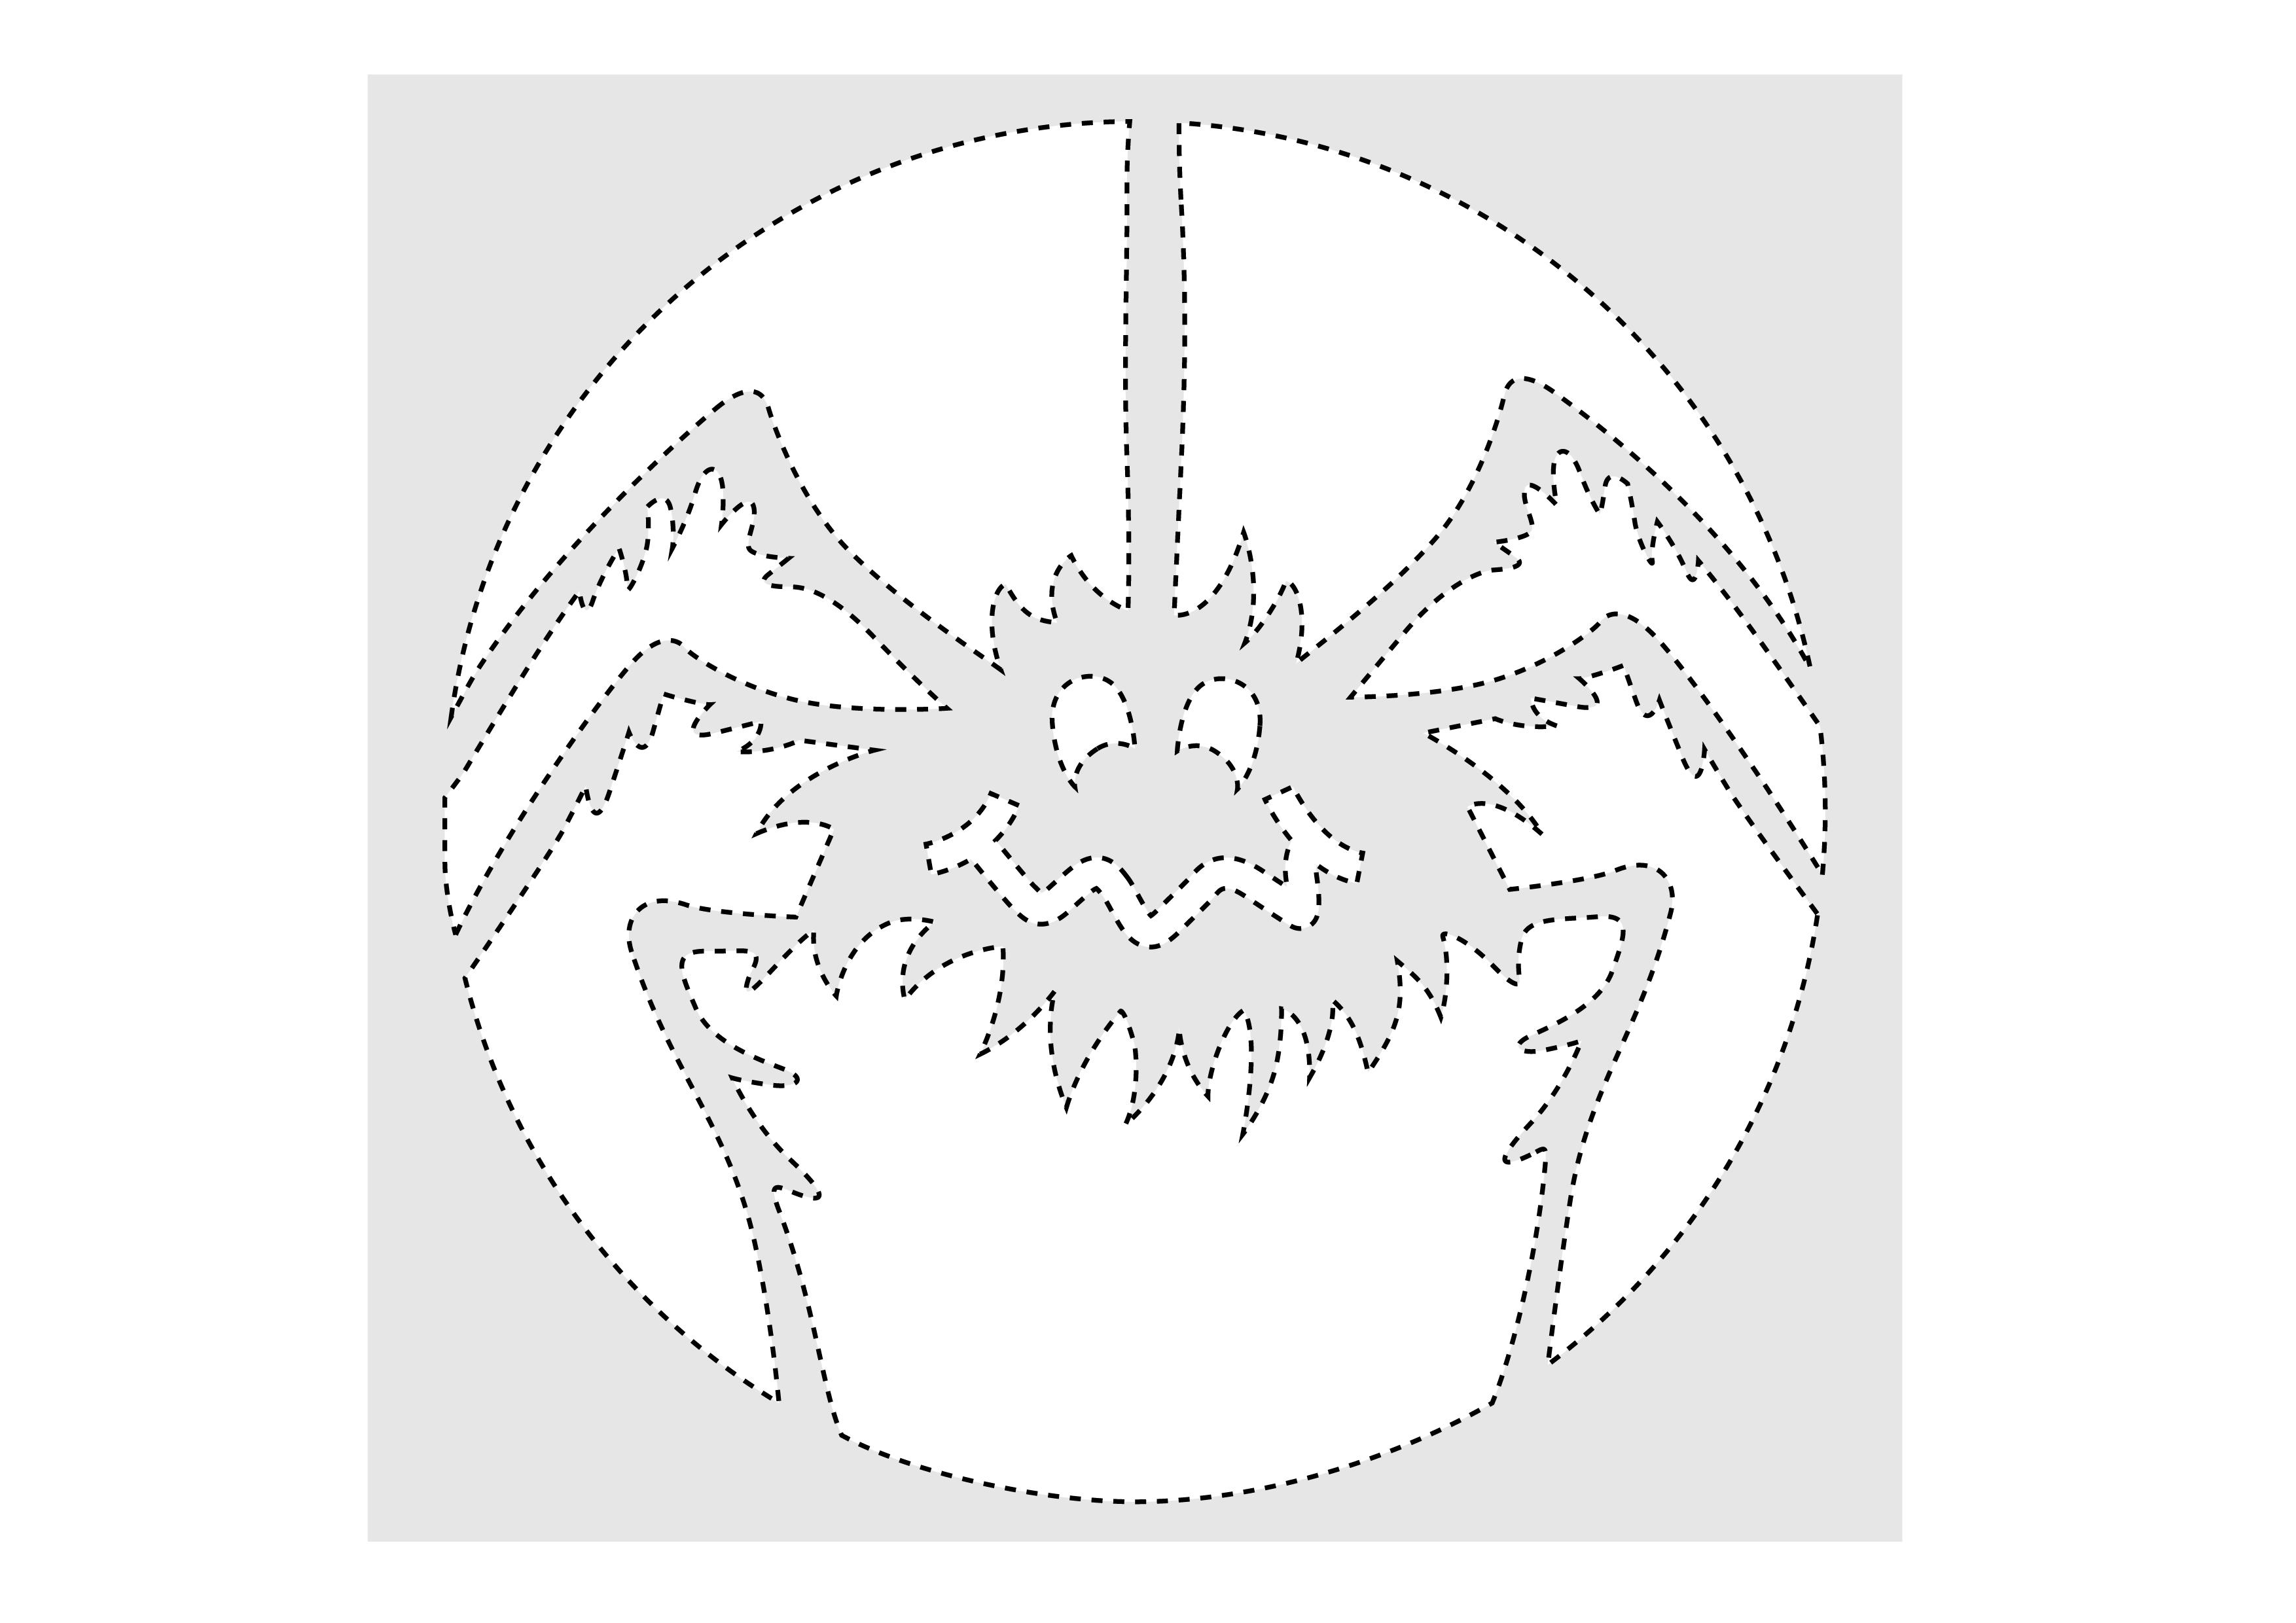 Drawn spider pumpkin carving Carving Morrisons Tips spider smiling